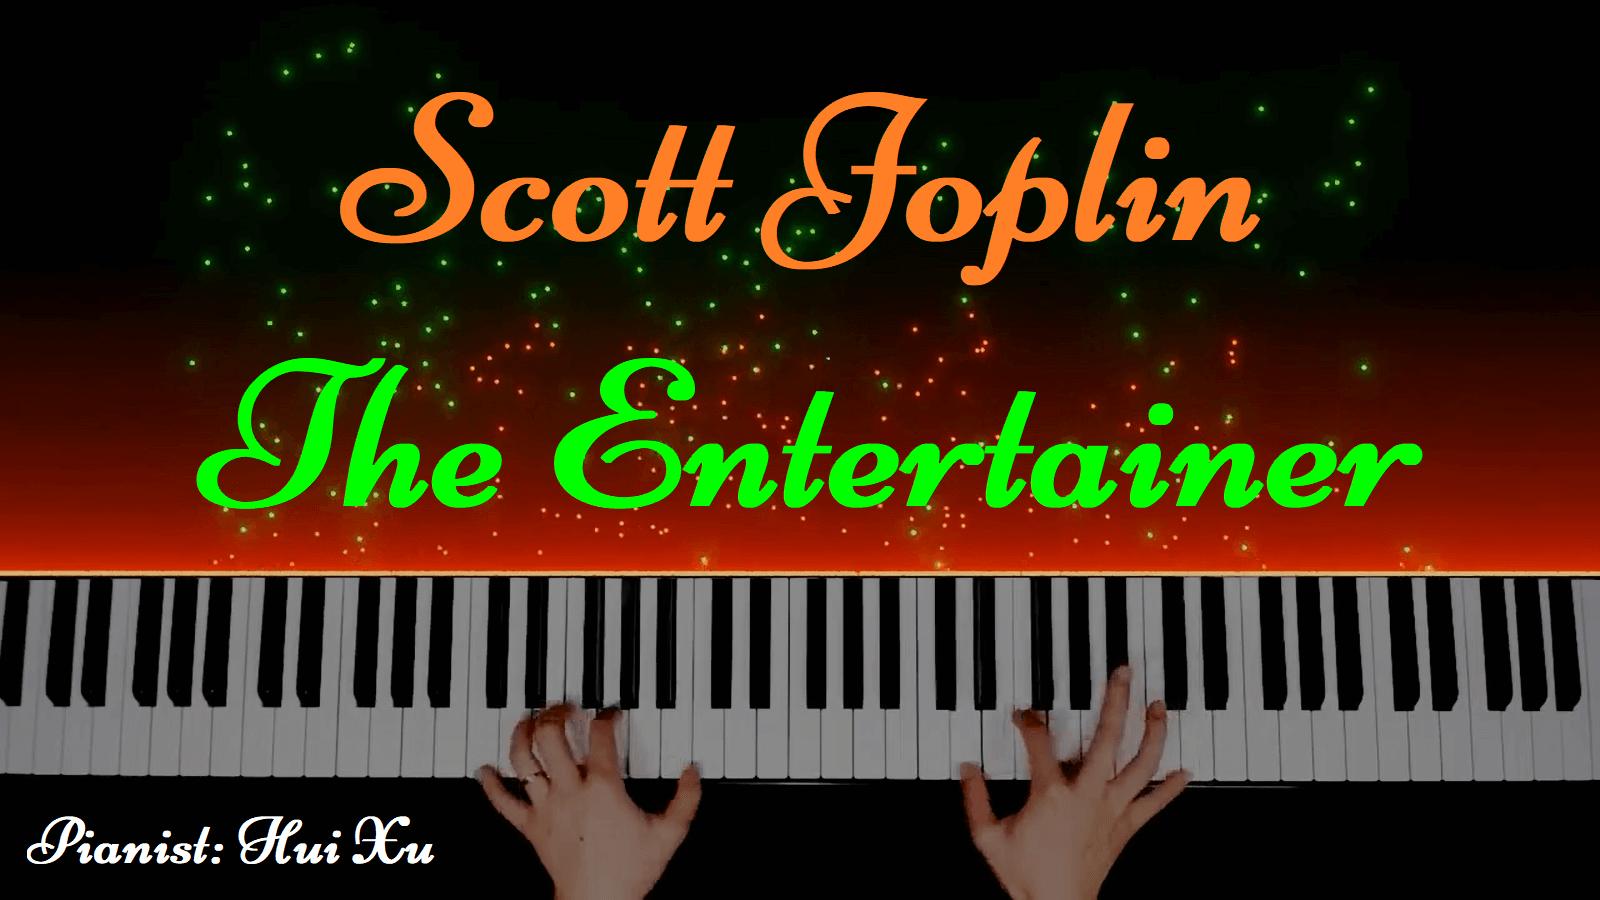 Scott Joplin - The Entertainer (Arranged by Hui Xu)